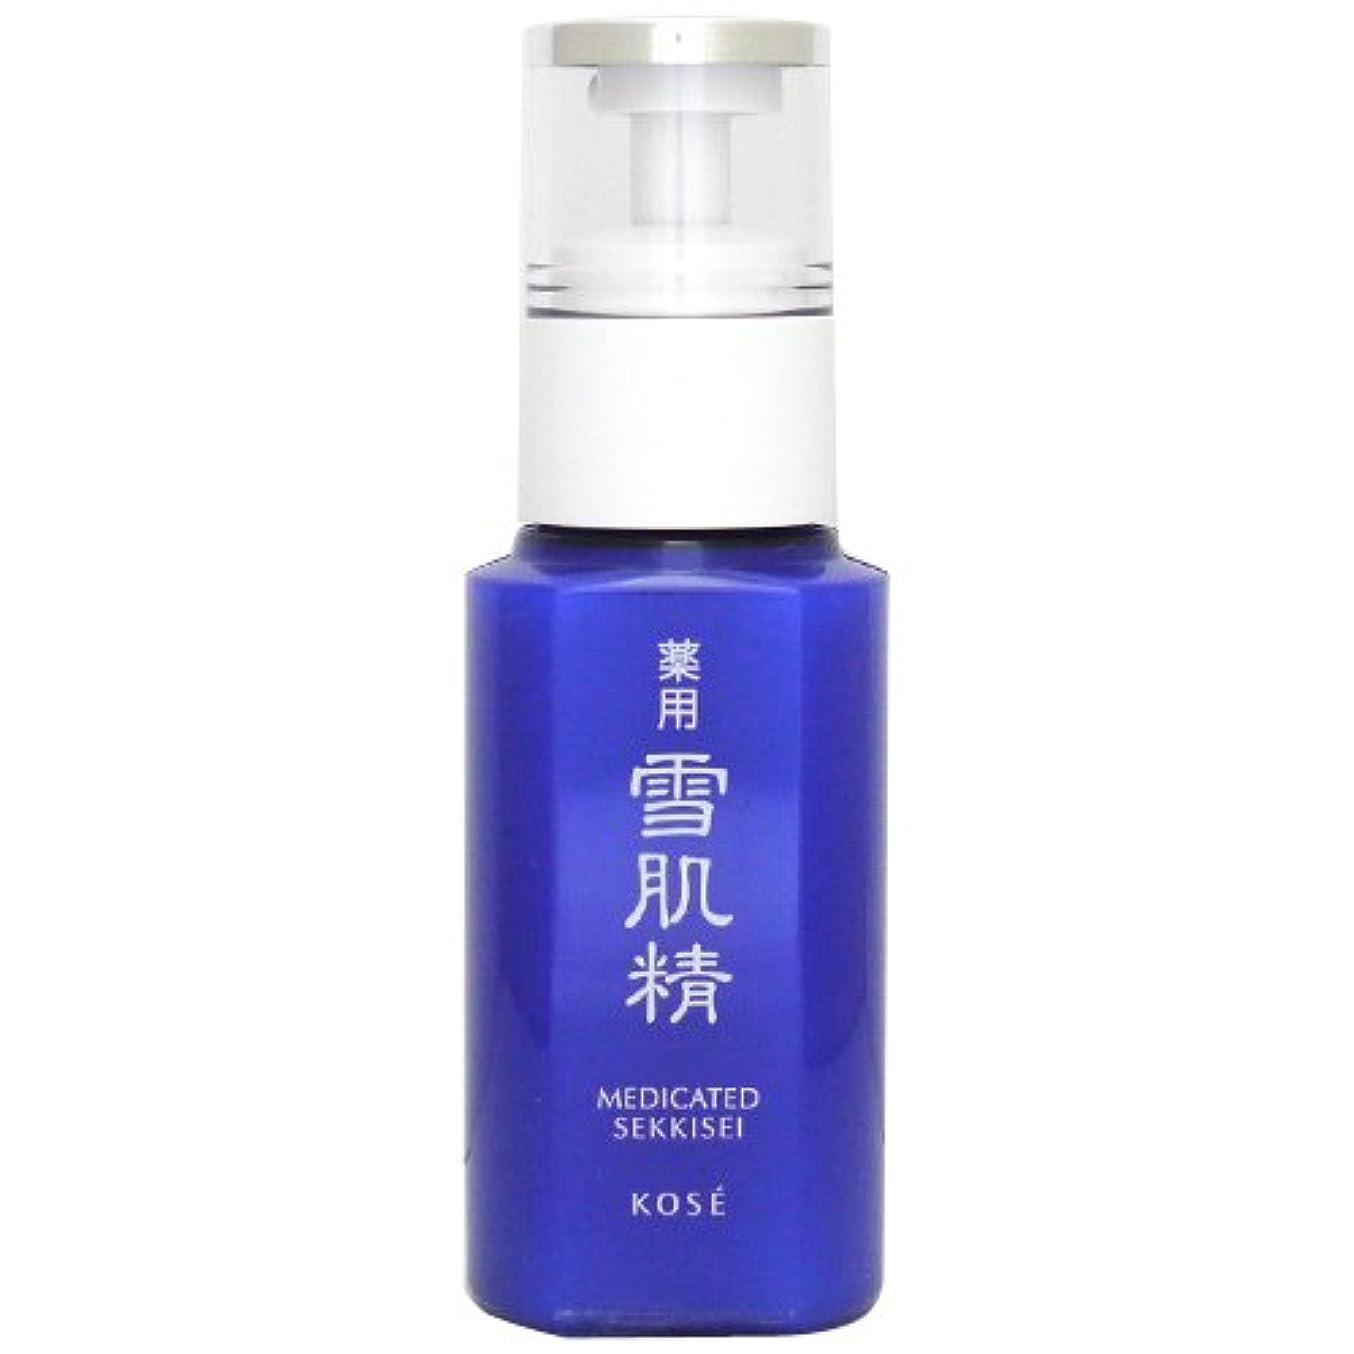 エンターテインメントとへこみコーセー雪肌精 薬用 乳液(トライアルサイズ) 限定 【save the blue】 70mL